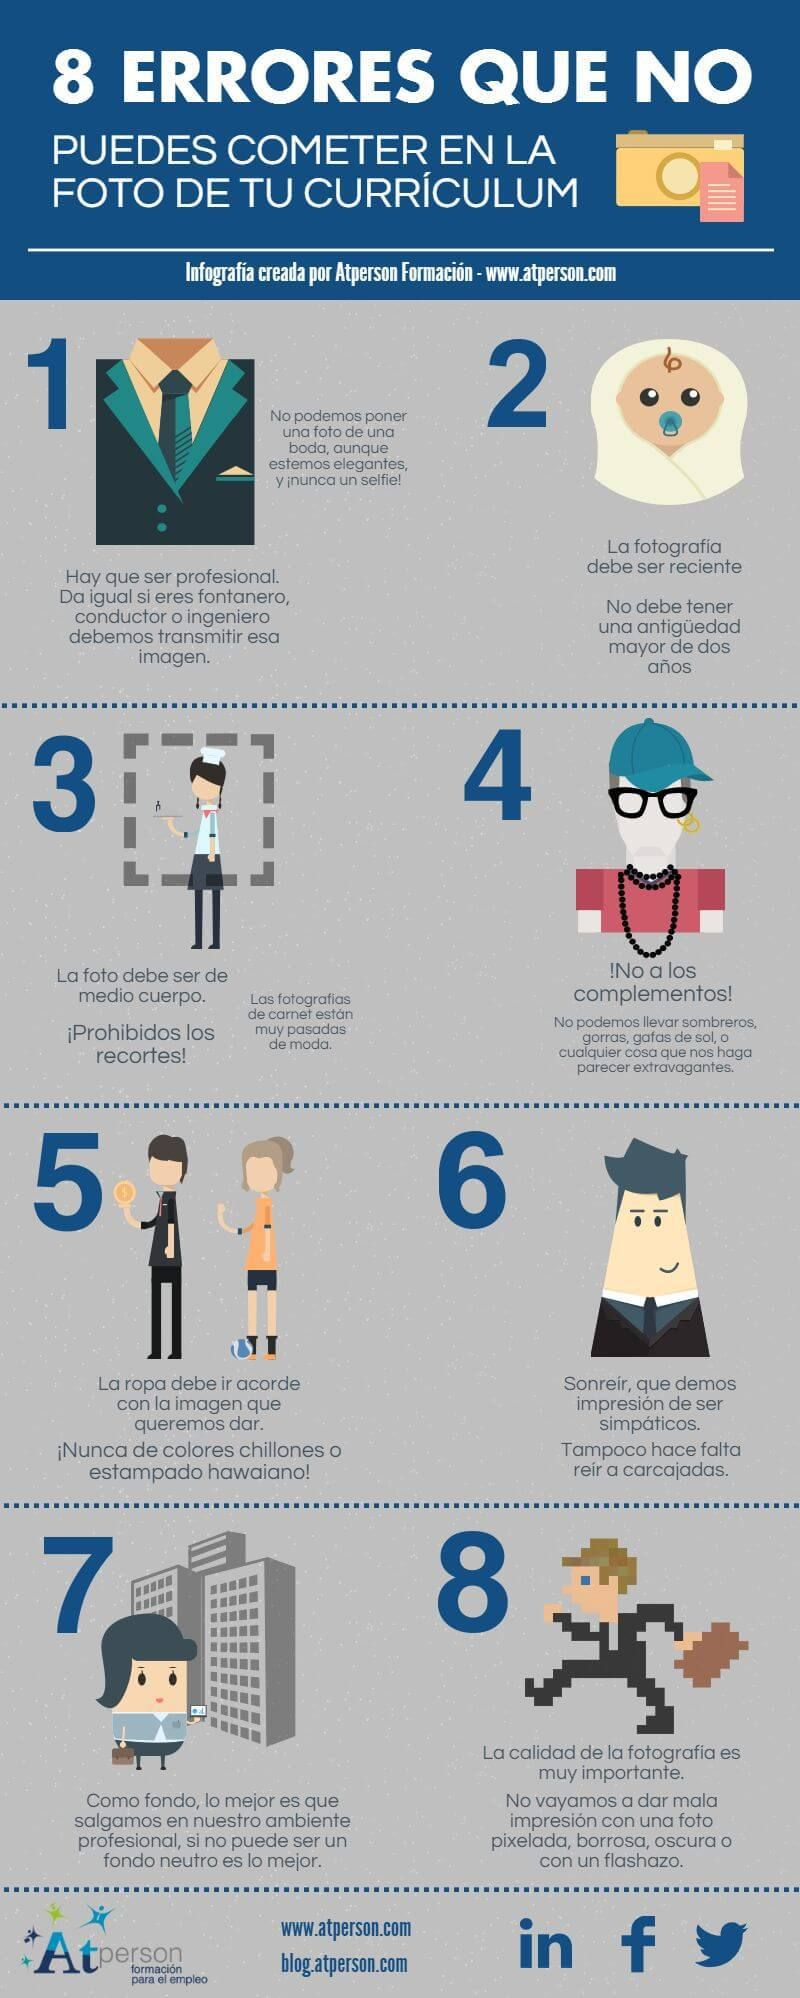 8 errores a evitar en tu foto del Currículum | 200 ideas - Jardin ...